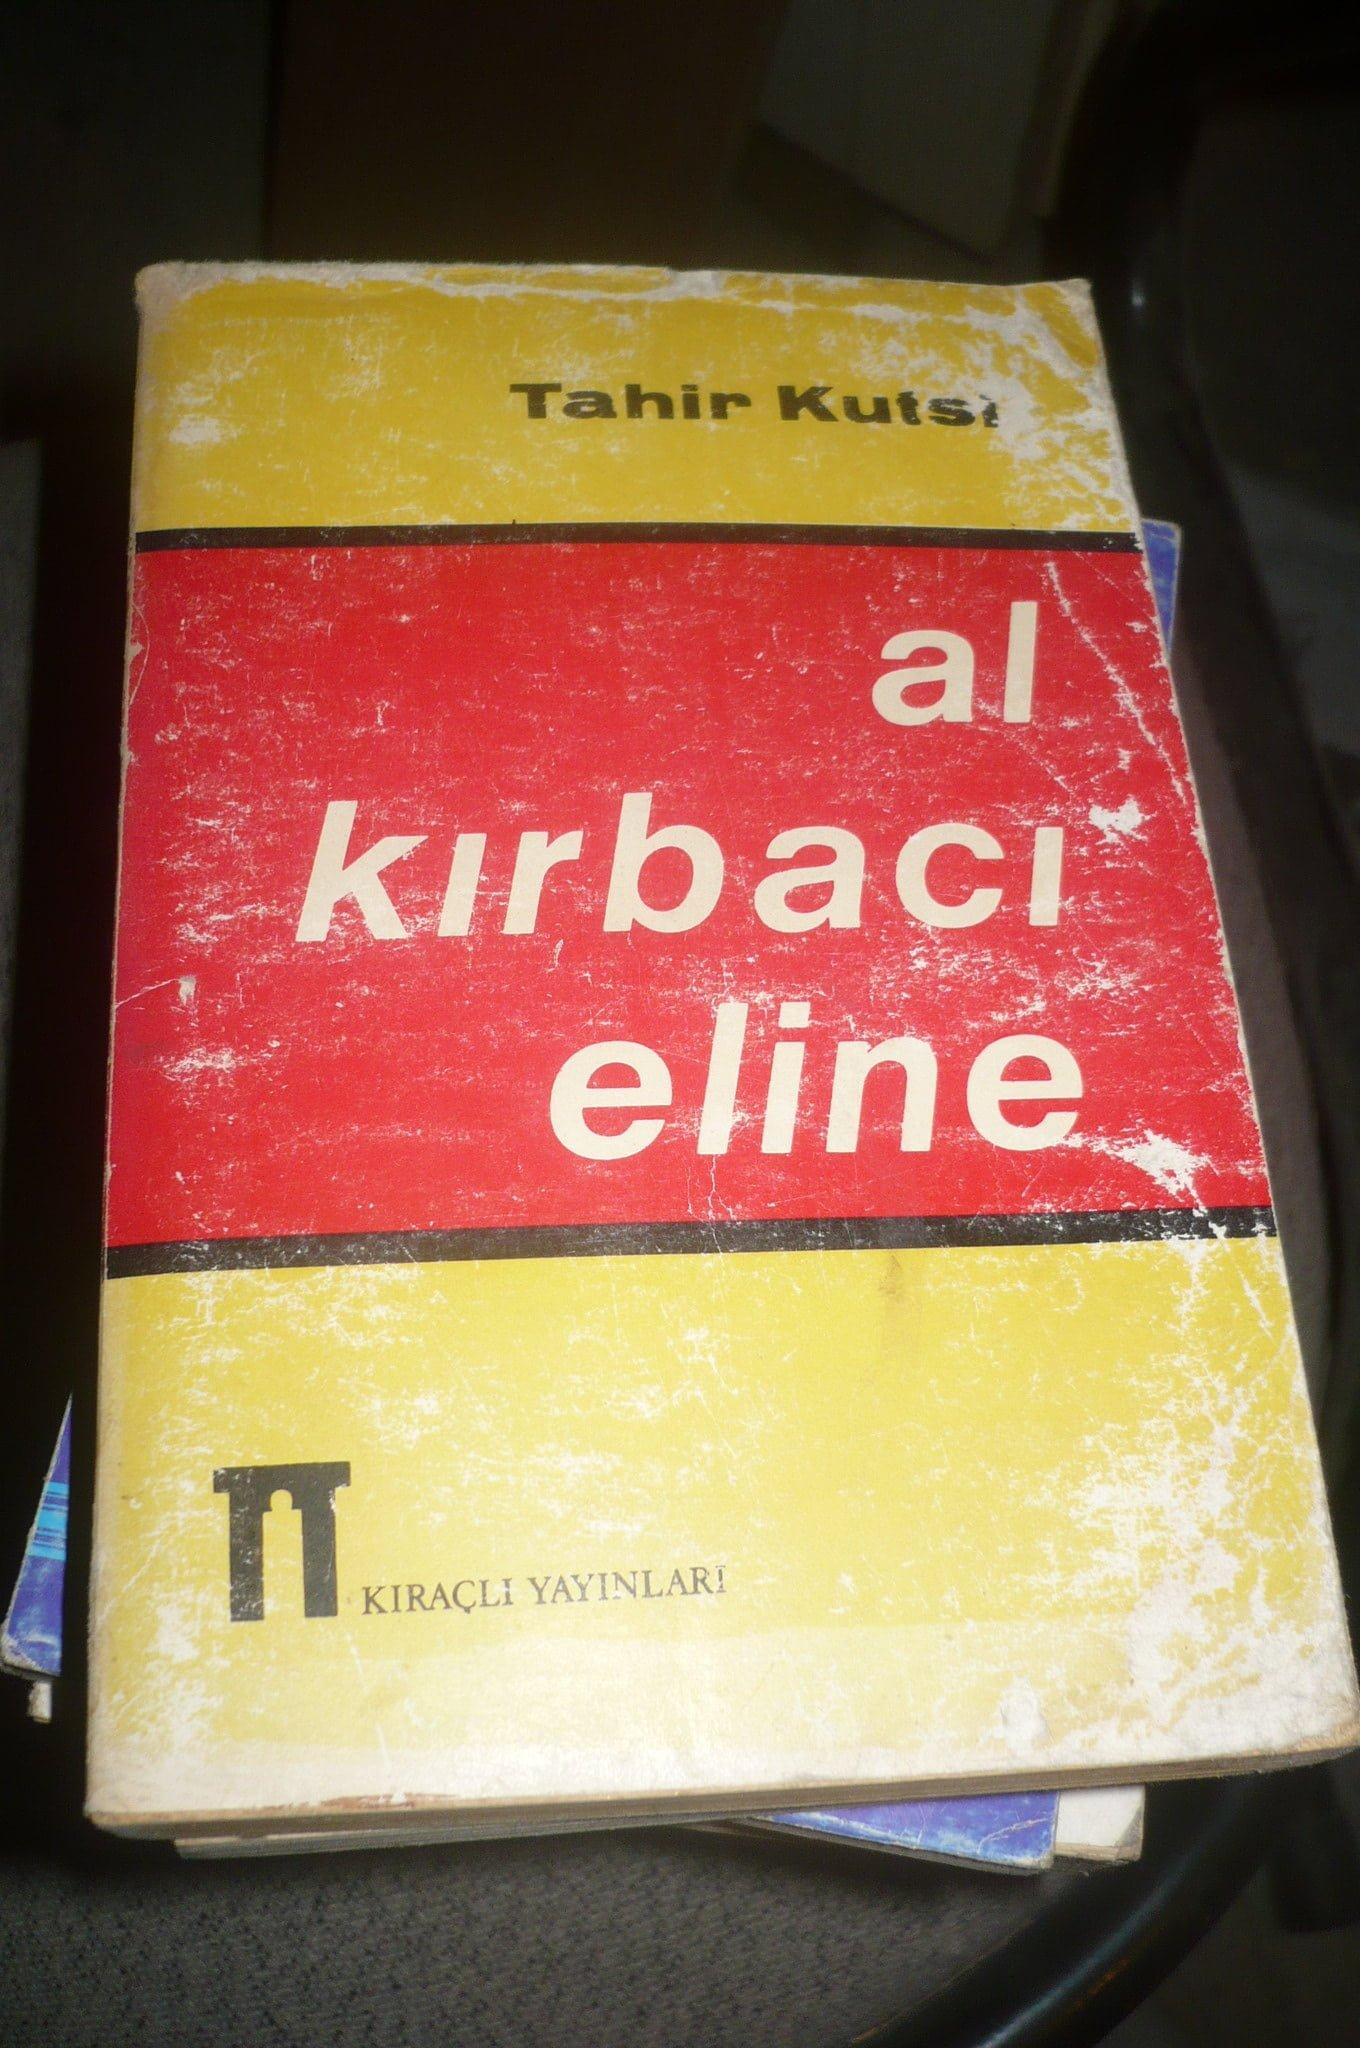 AL KIRBACI ELİNE/Tahir Kutsi/ 10 TL